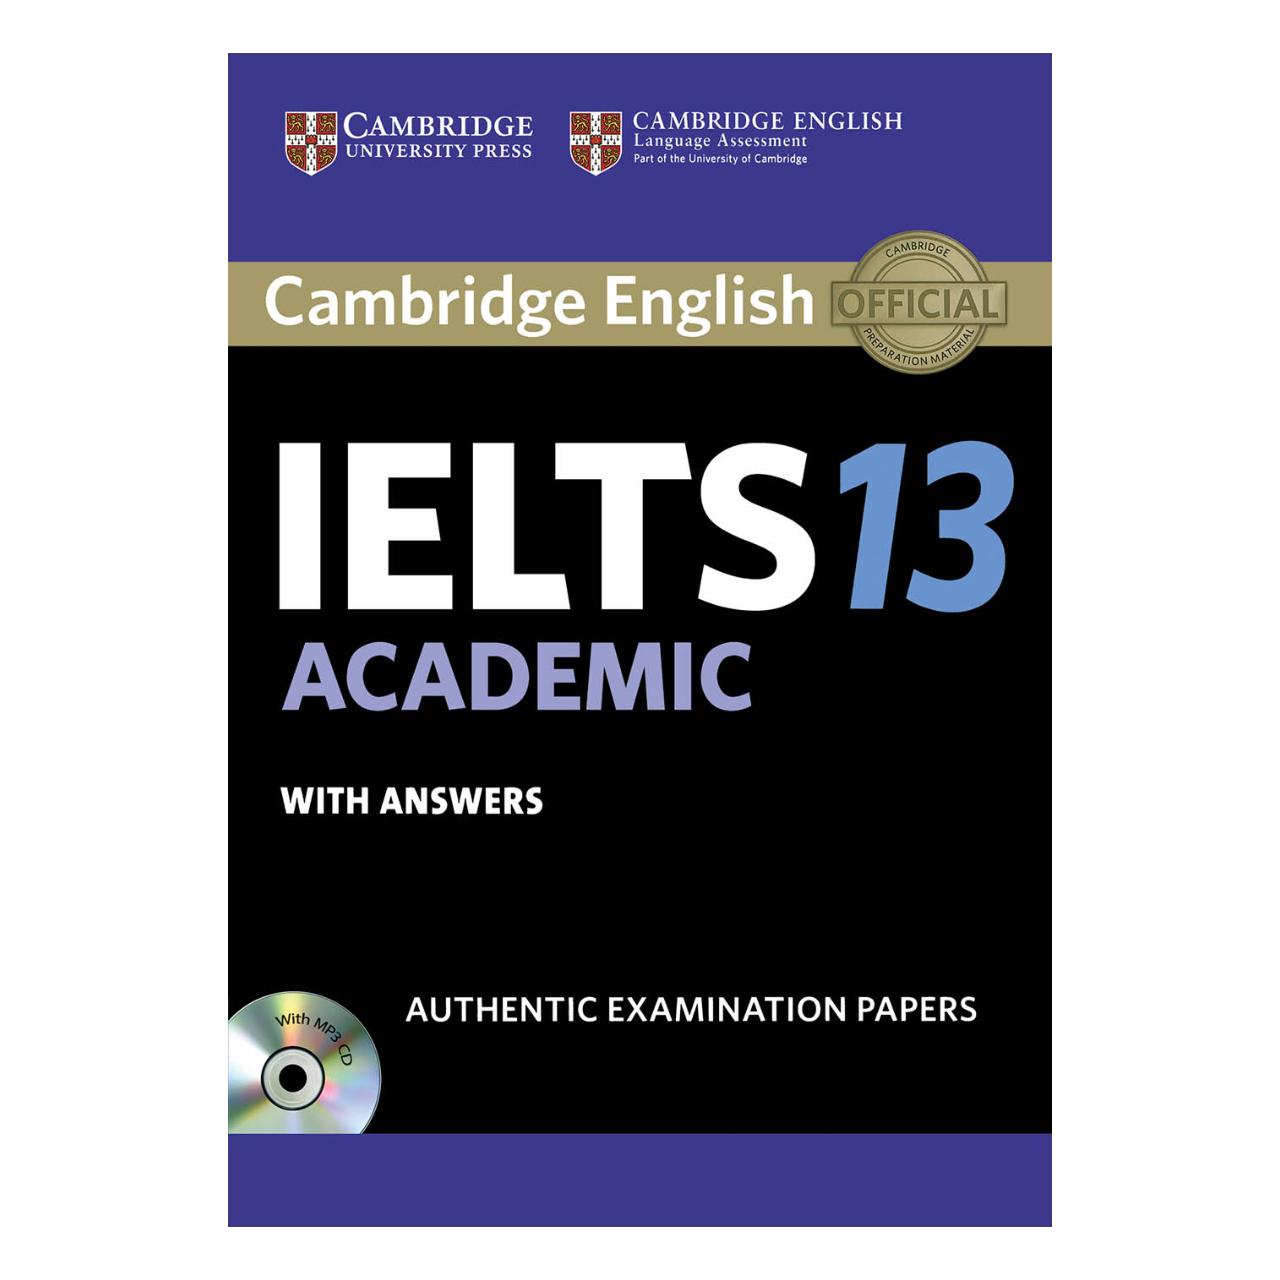 خرید                      کتاب زبان IELTS Cambridge 13 Academic اثر جمعی از نویسندگان